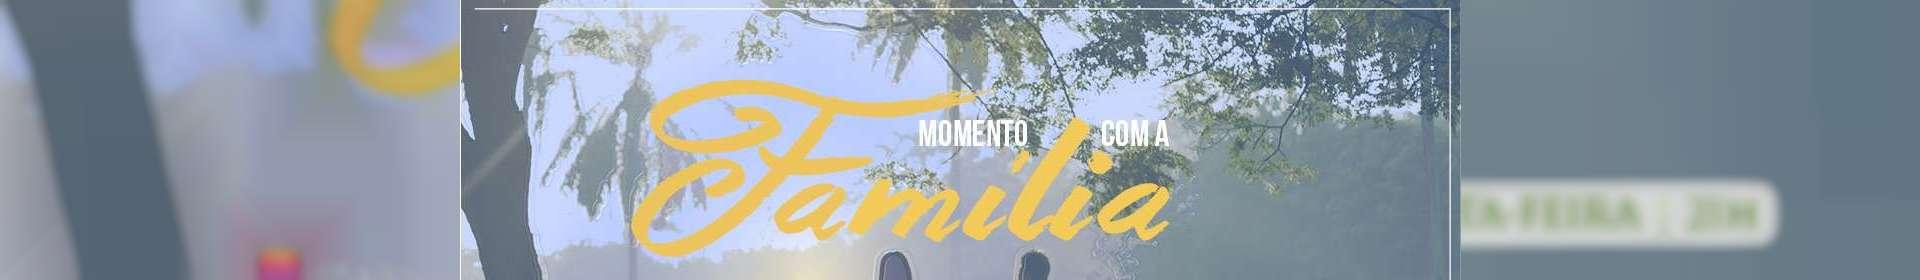 Momento com a Família exibido no dia 12/06/2020